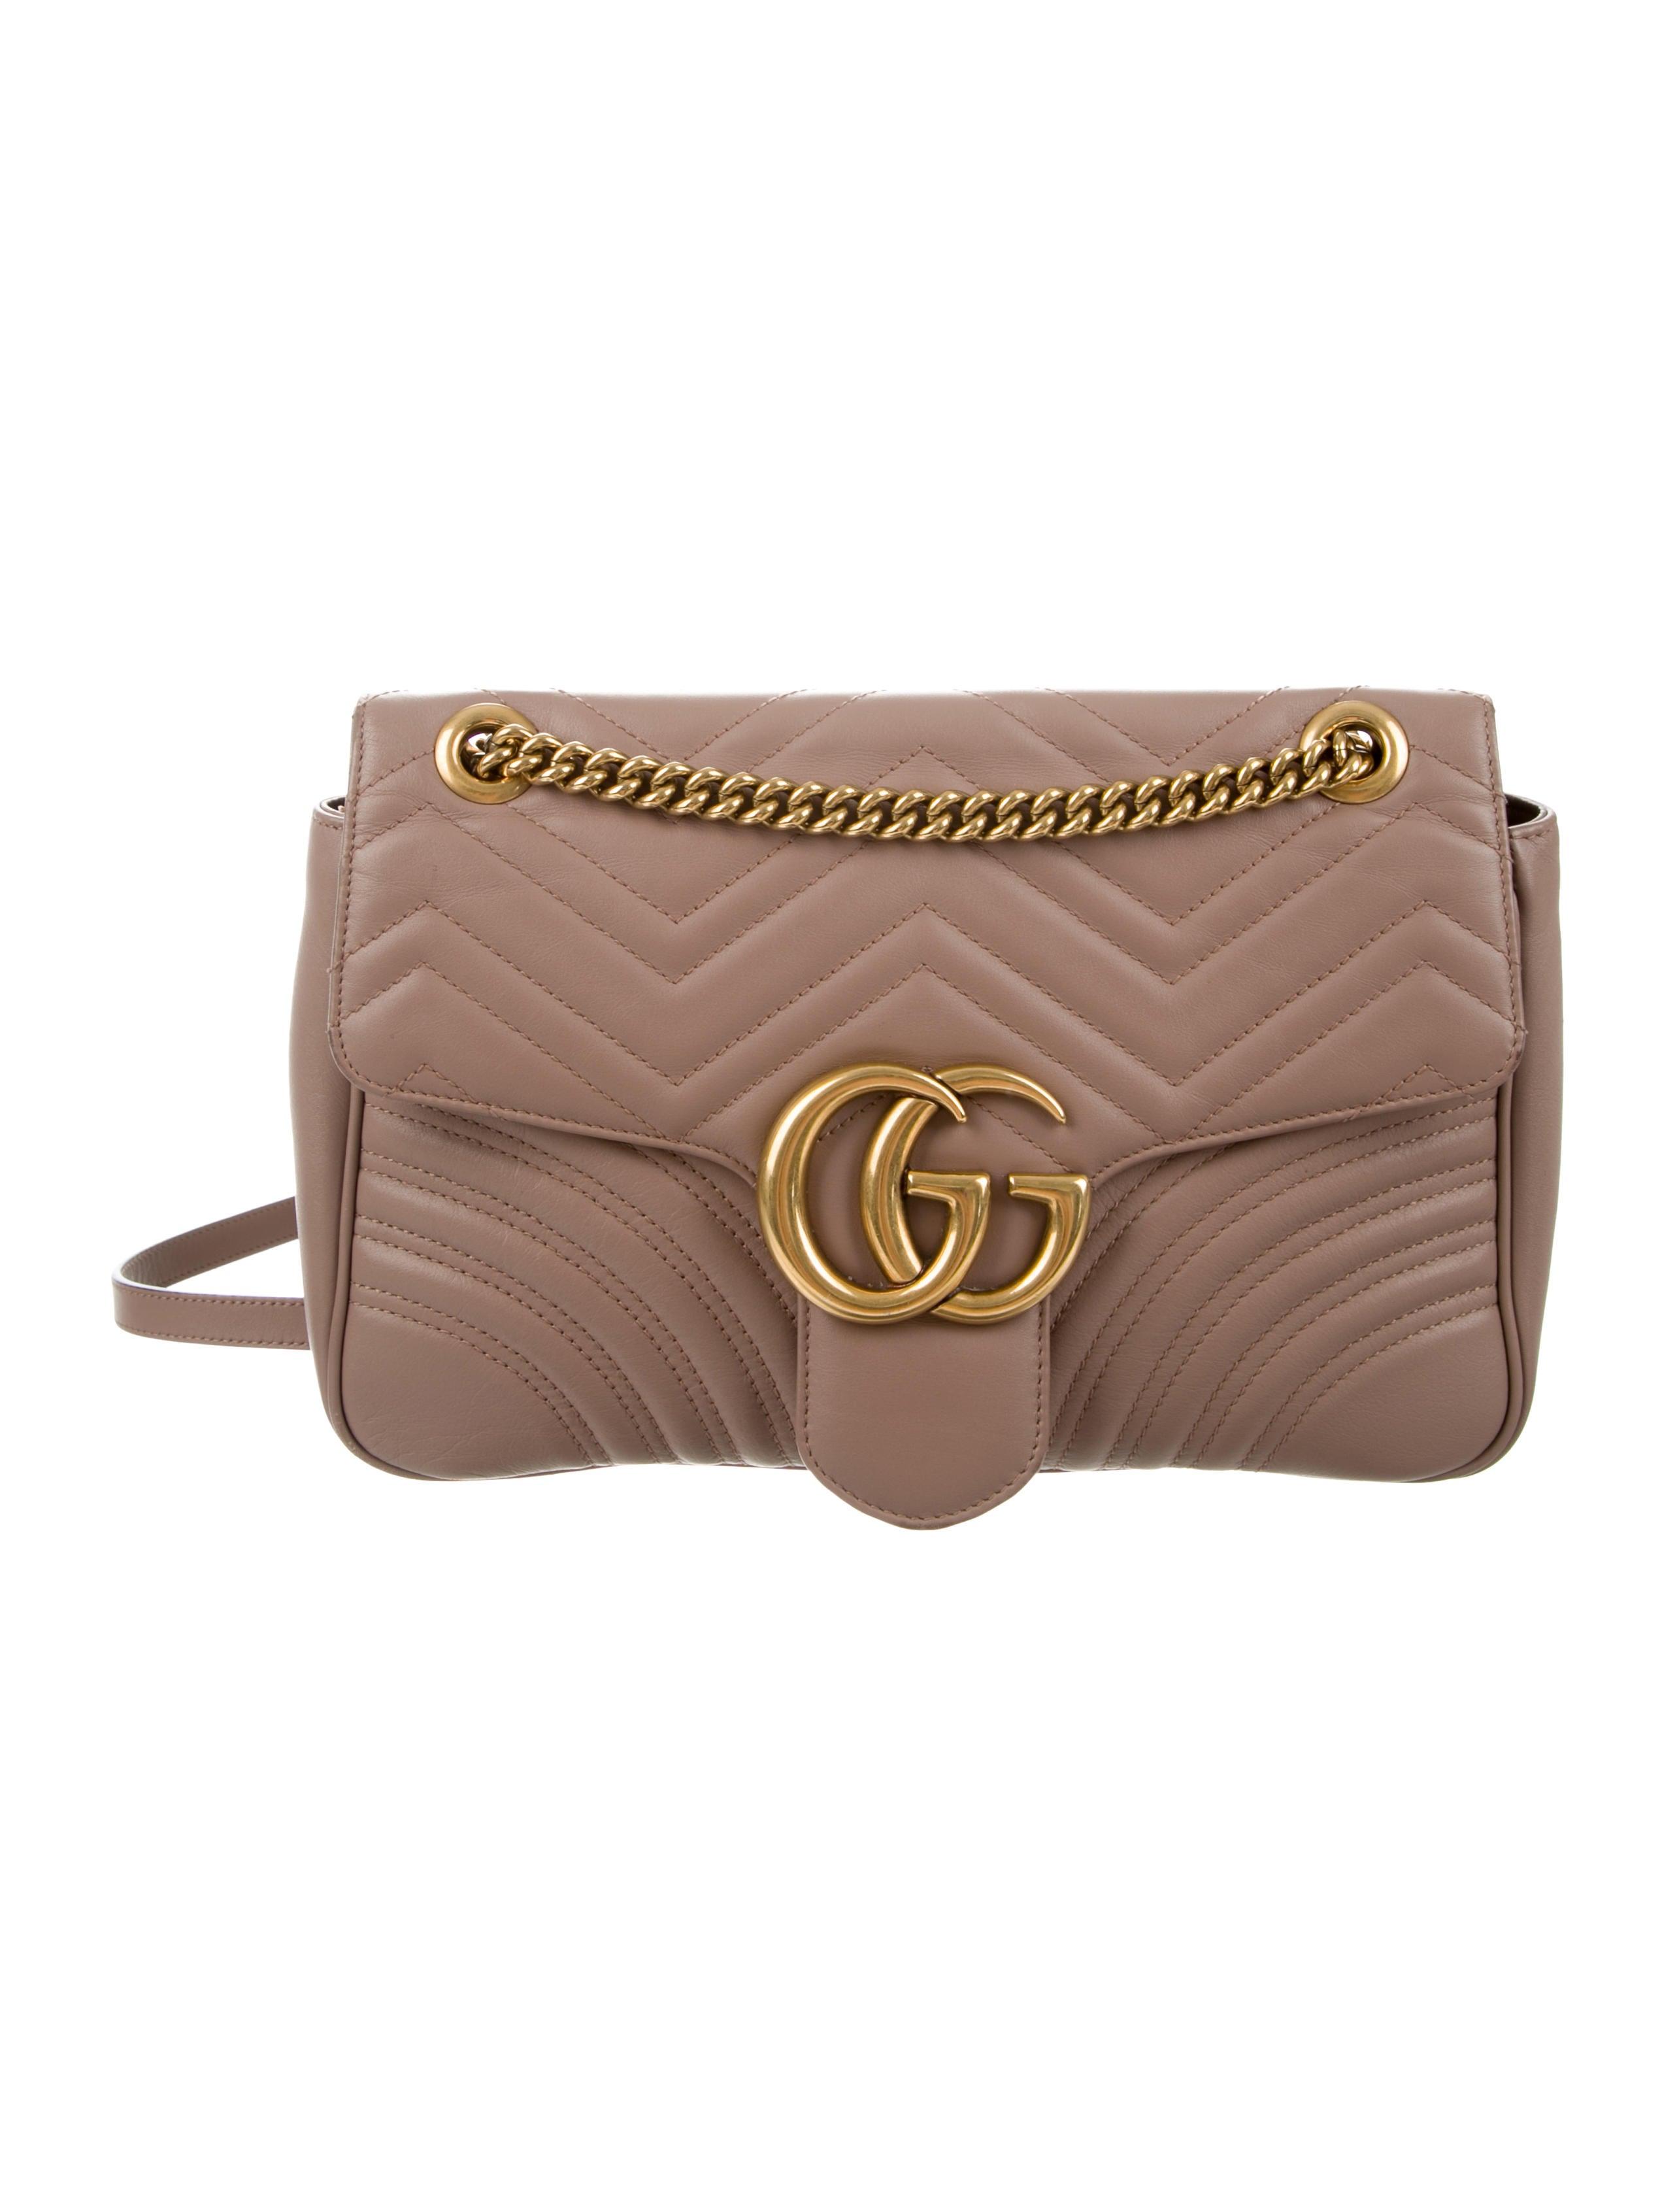 98904ac822c8 Gucci Medium GG Marmont Matelassé Shoulder Bag - Handbags ...